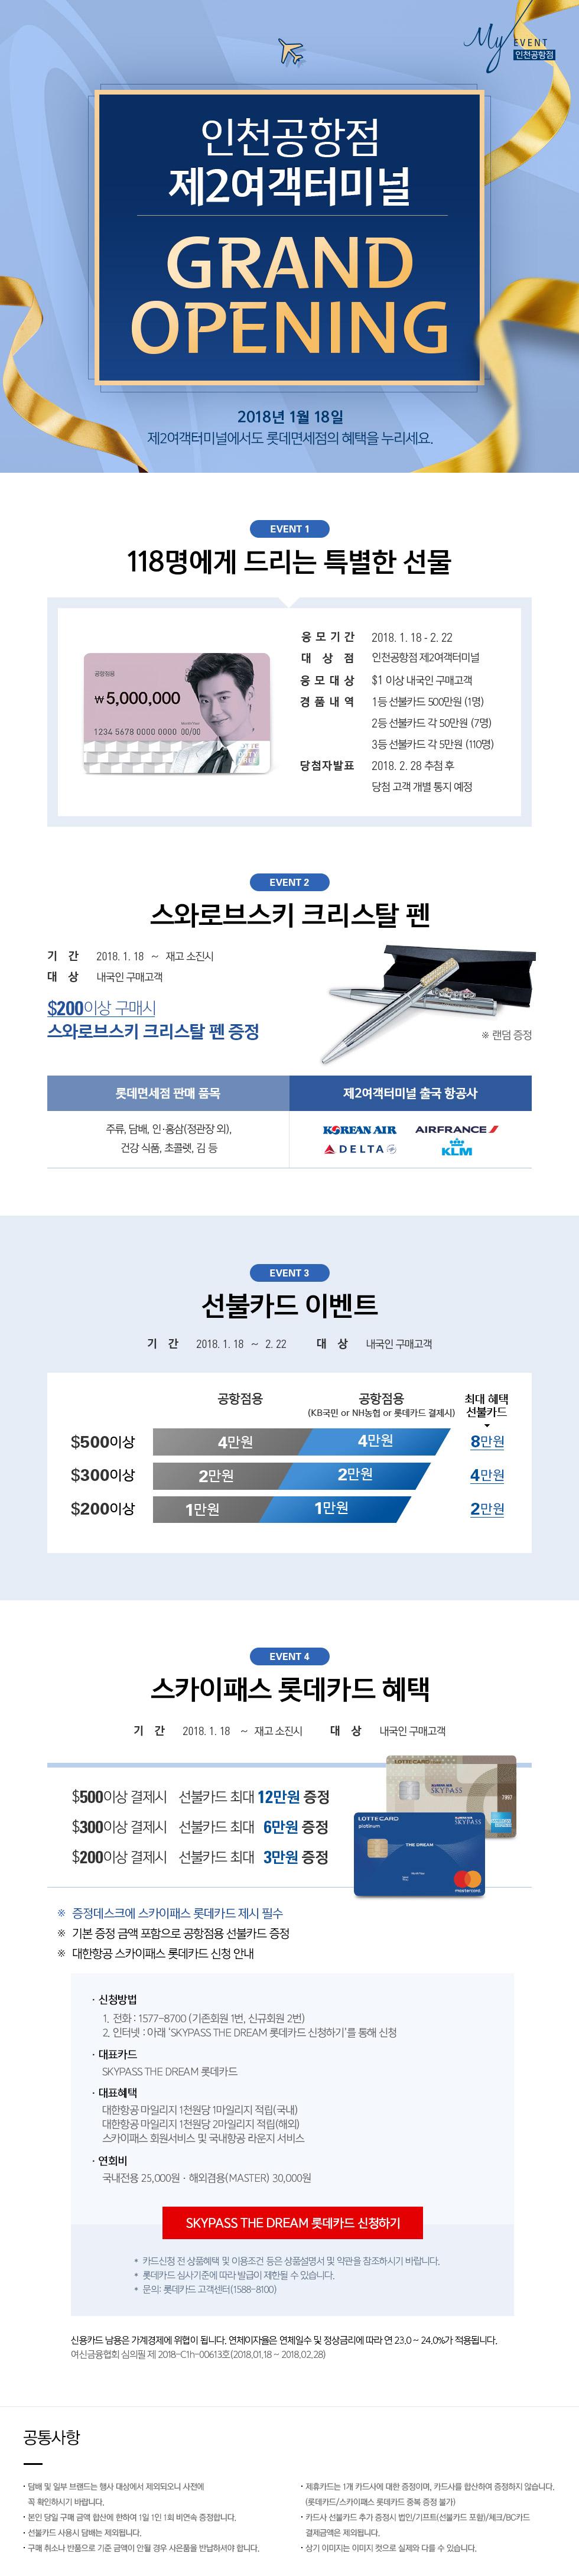 인천공항점 제2여객터미널 GRAND OPENING